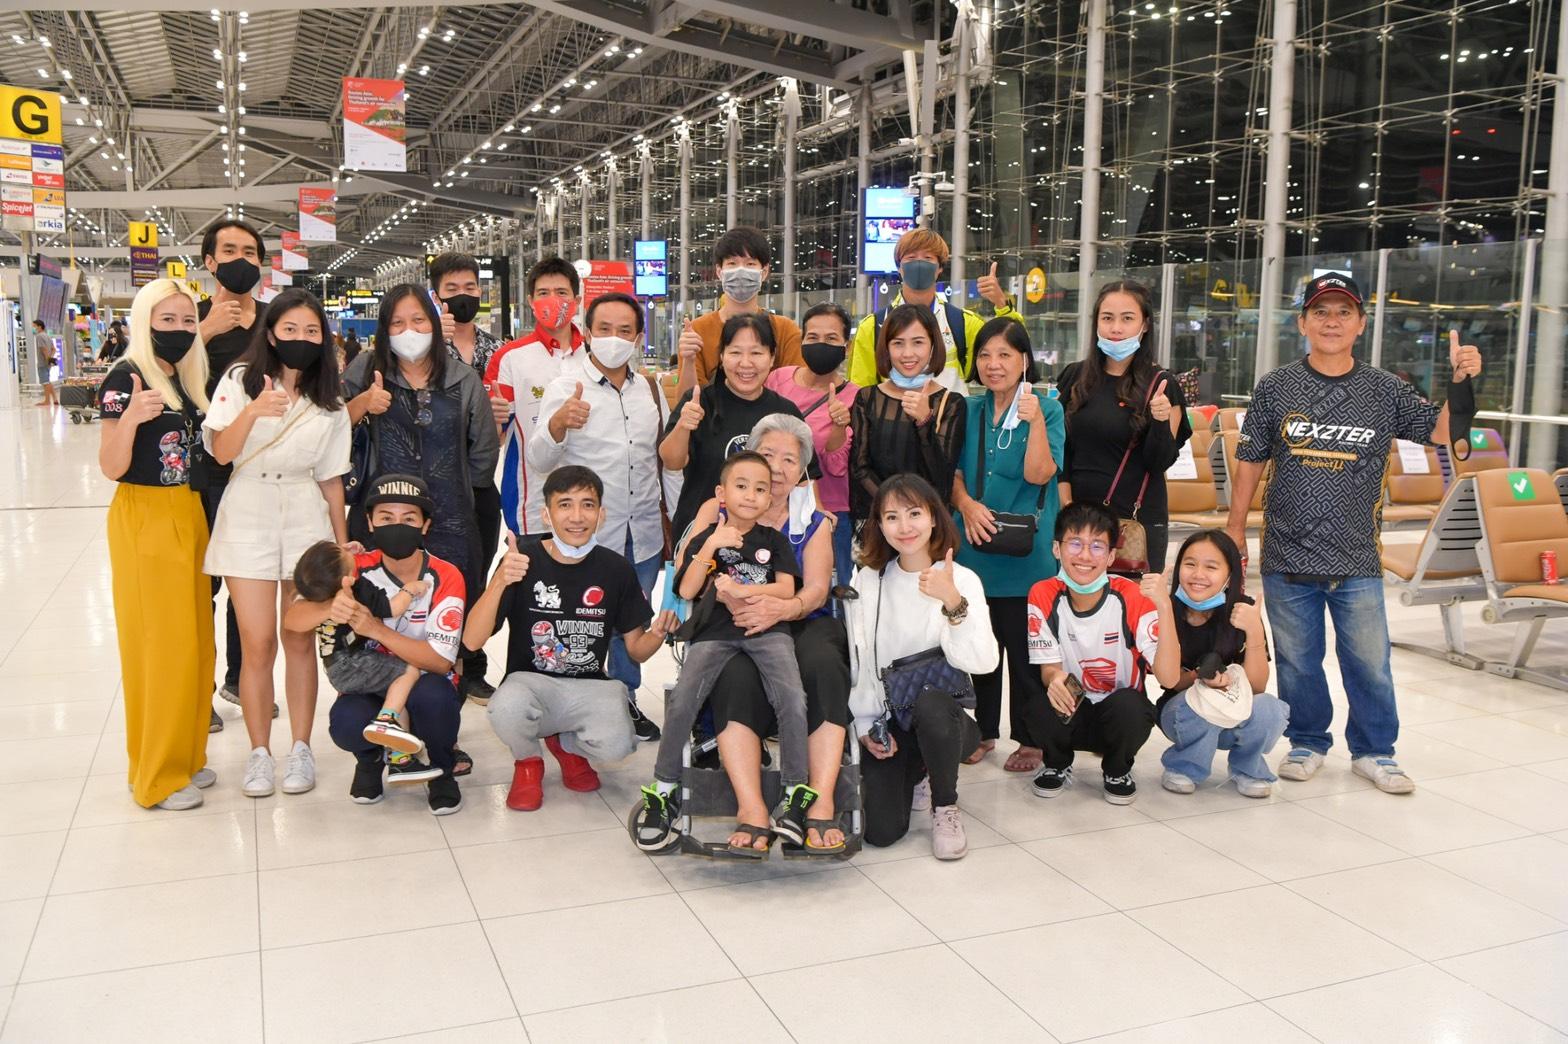 ส่งใจเชียร์น้องวินนี่กับโอกาสสัมผัสประสบการณ์ระดับโลกของเยาวชนไทย